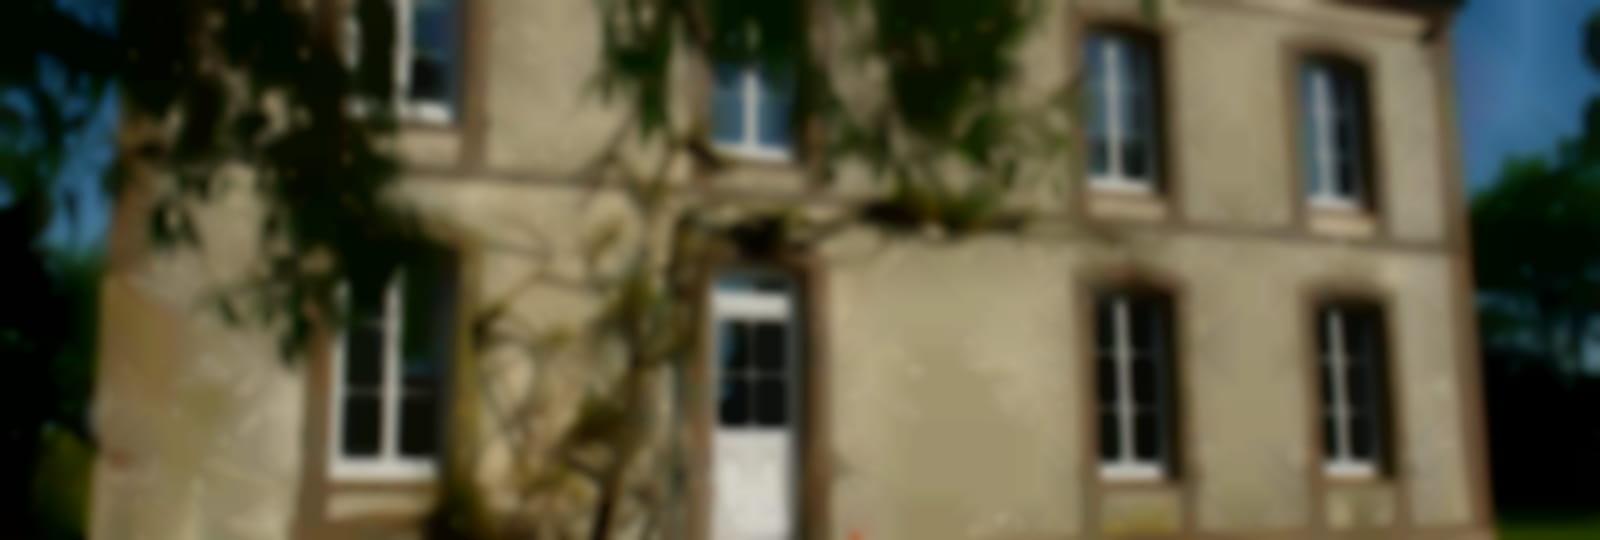 Maison bourgeoise du domaine de Marolles